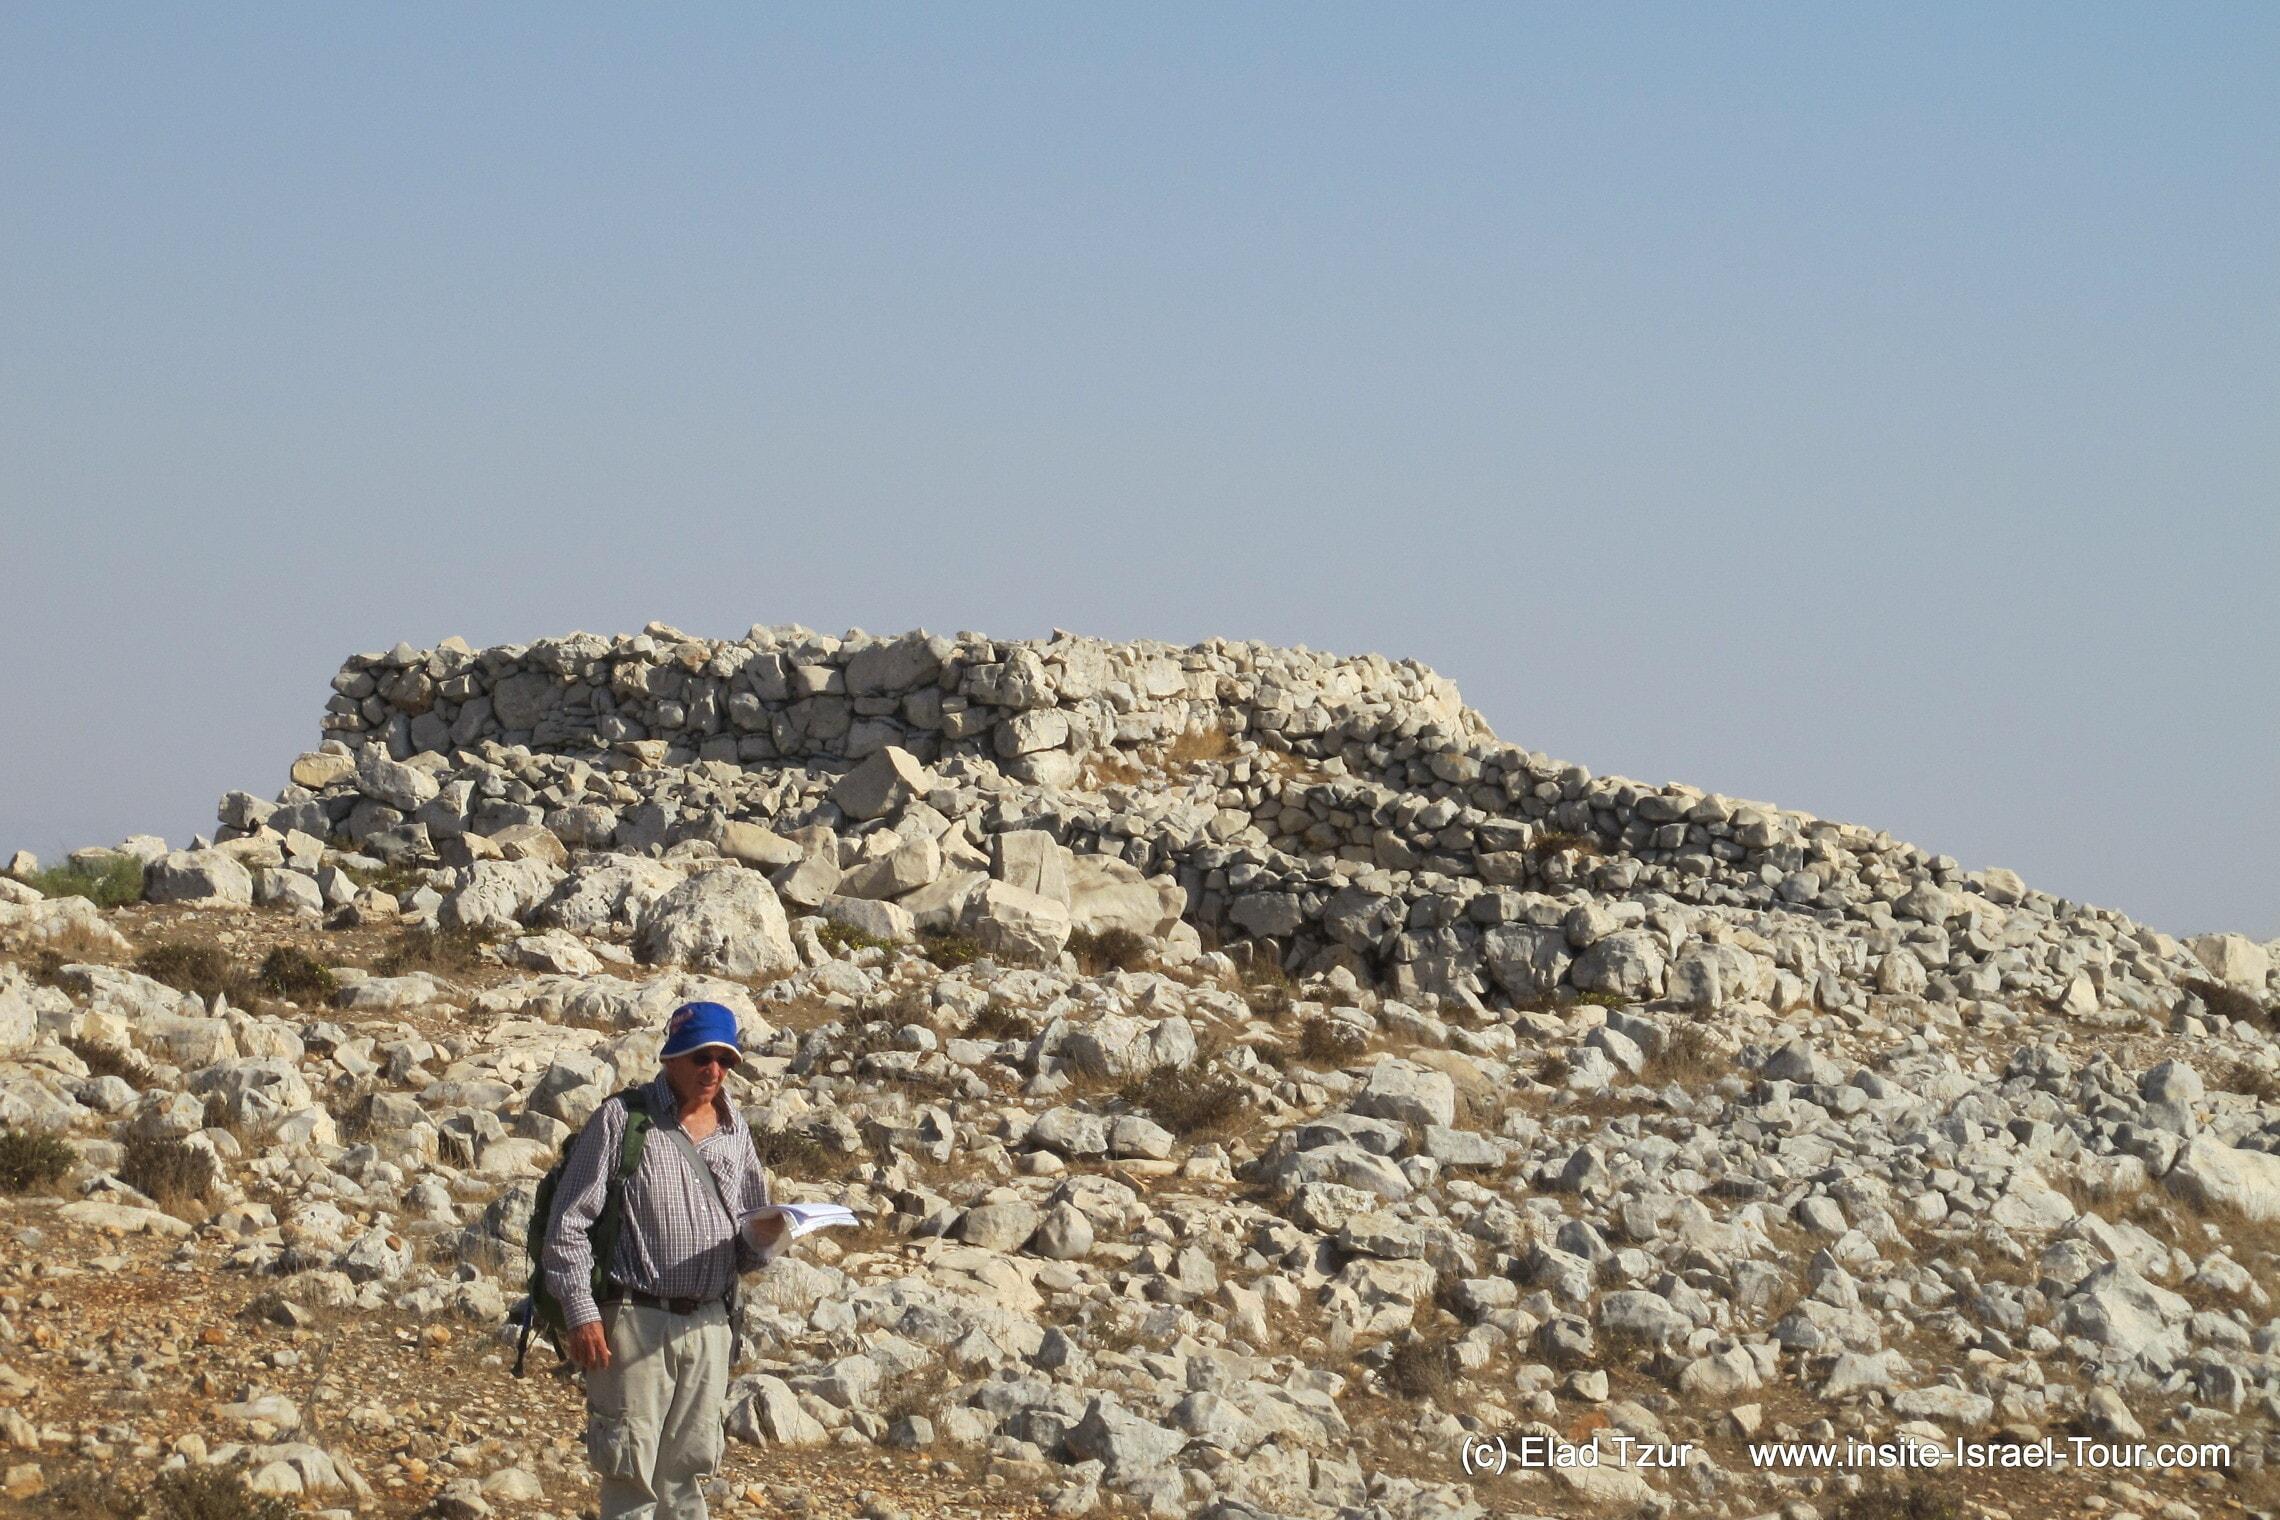 מזבח הר עיבל ב-2012 (צילום: אלעד צור, ויקיפדיה)